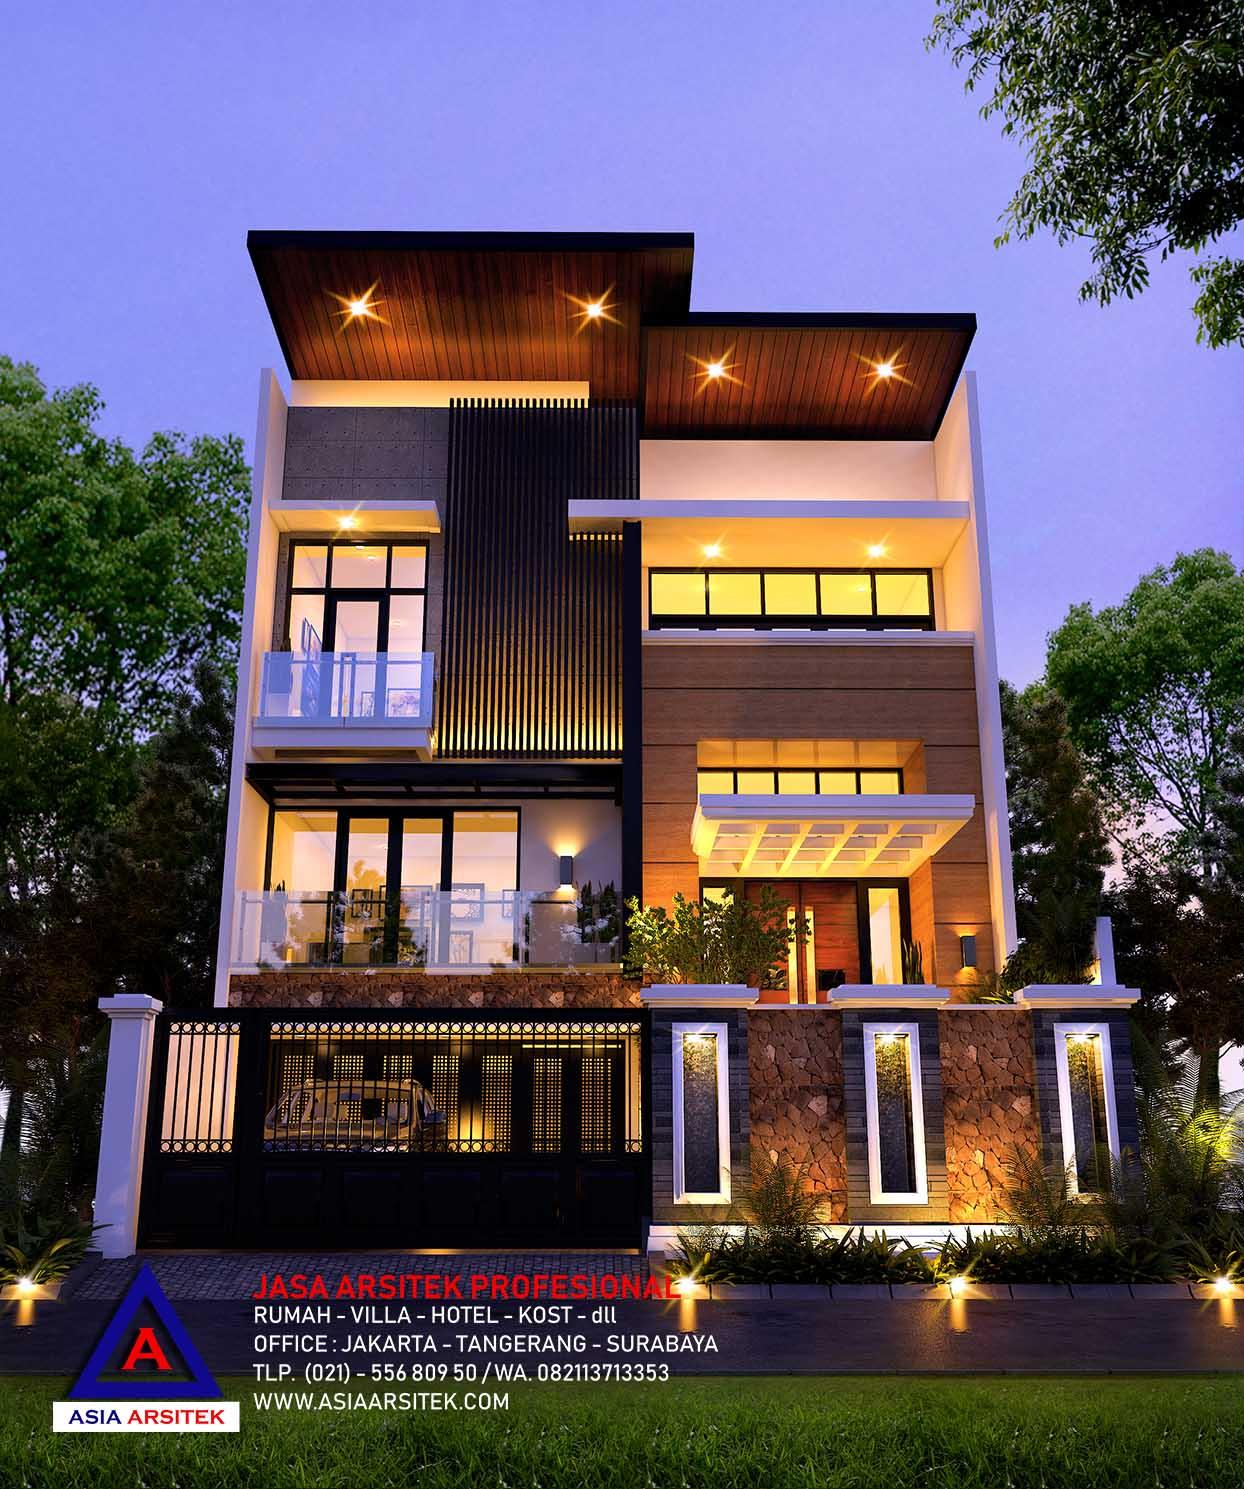 Desain Rumah Minimalis Modern Mewah Di Bekasi 4 | Arsitek ...